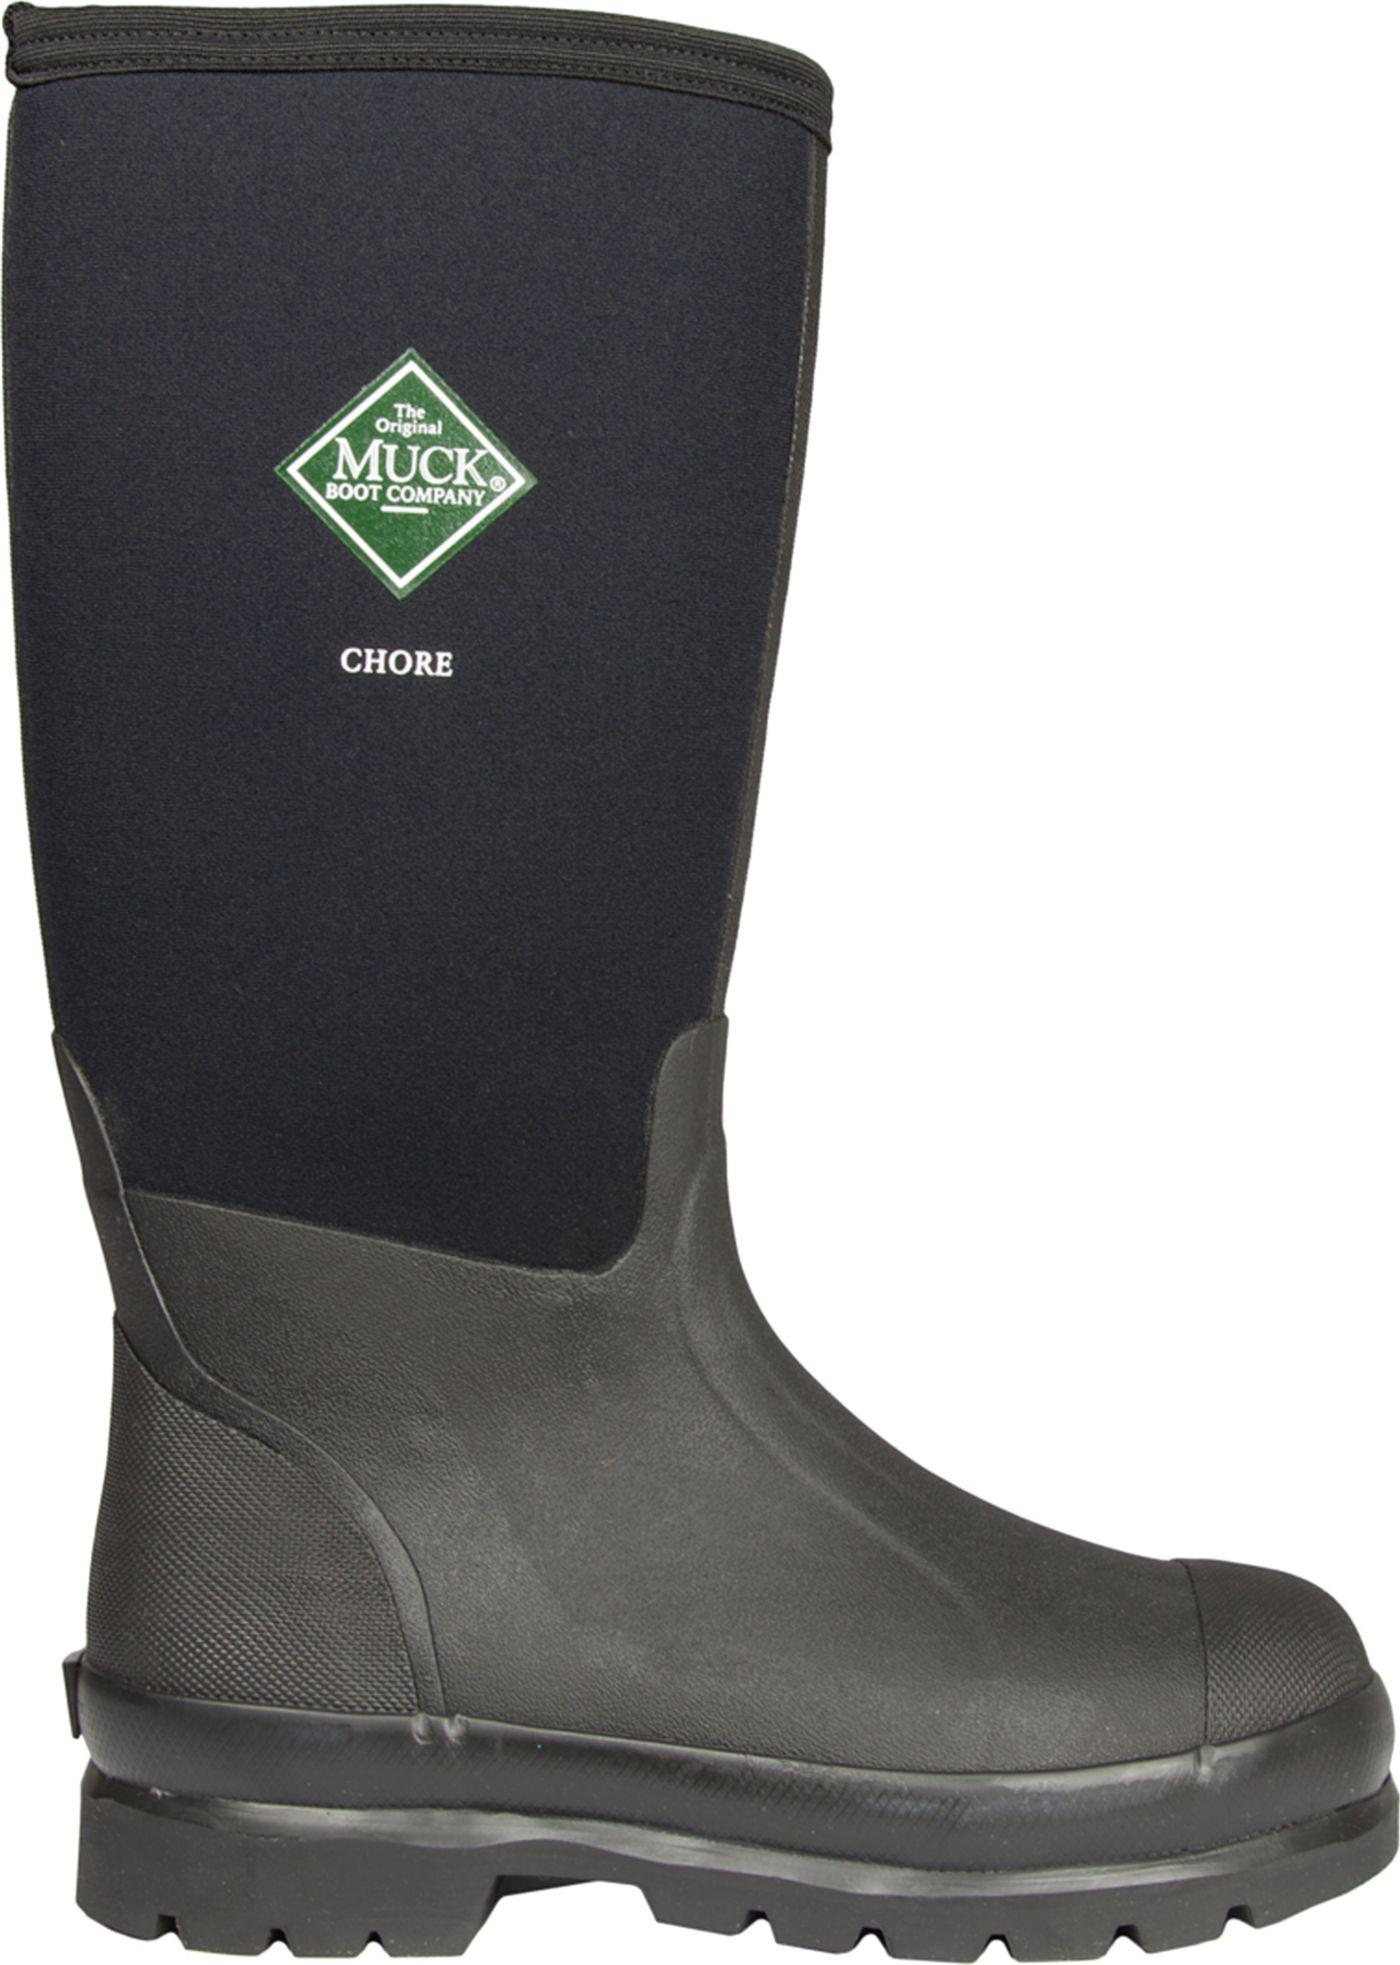 Muck Boots Men's Chore Waterproof Steel Toe Work Boots